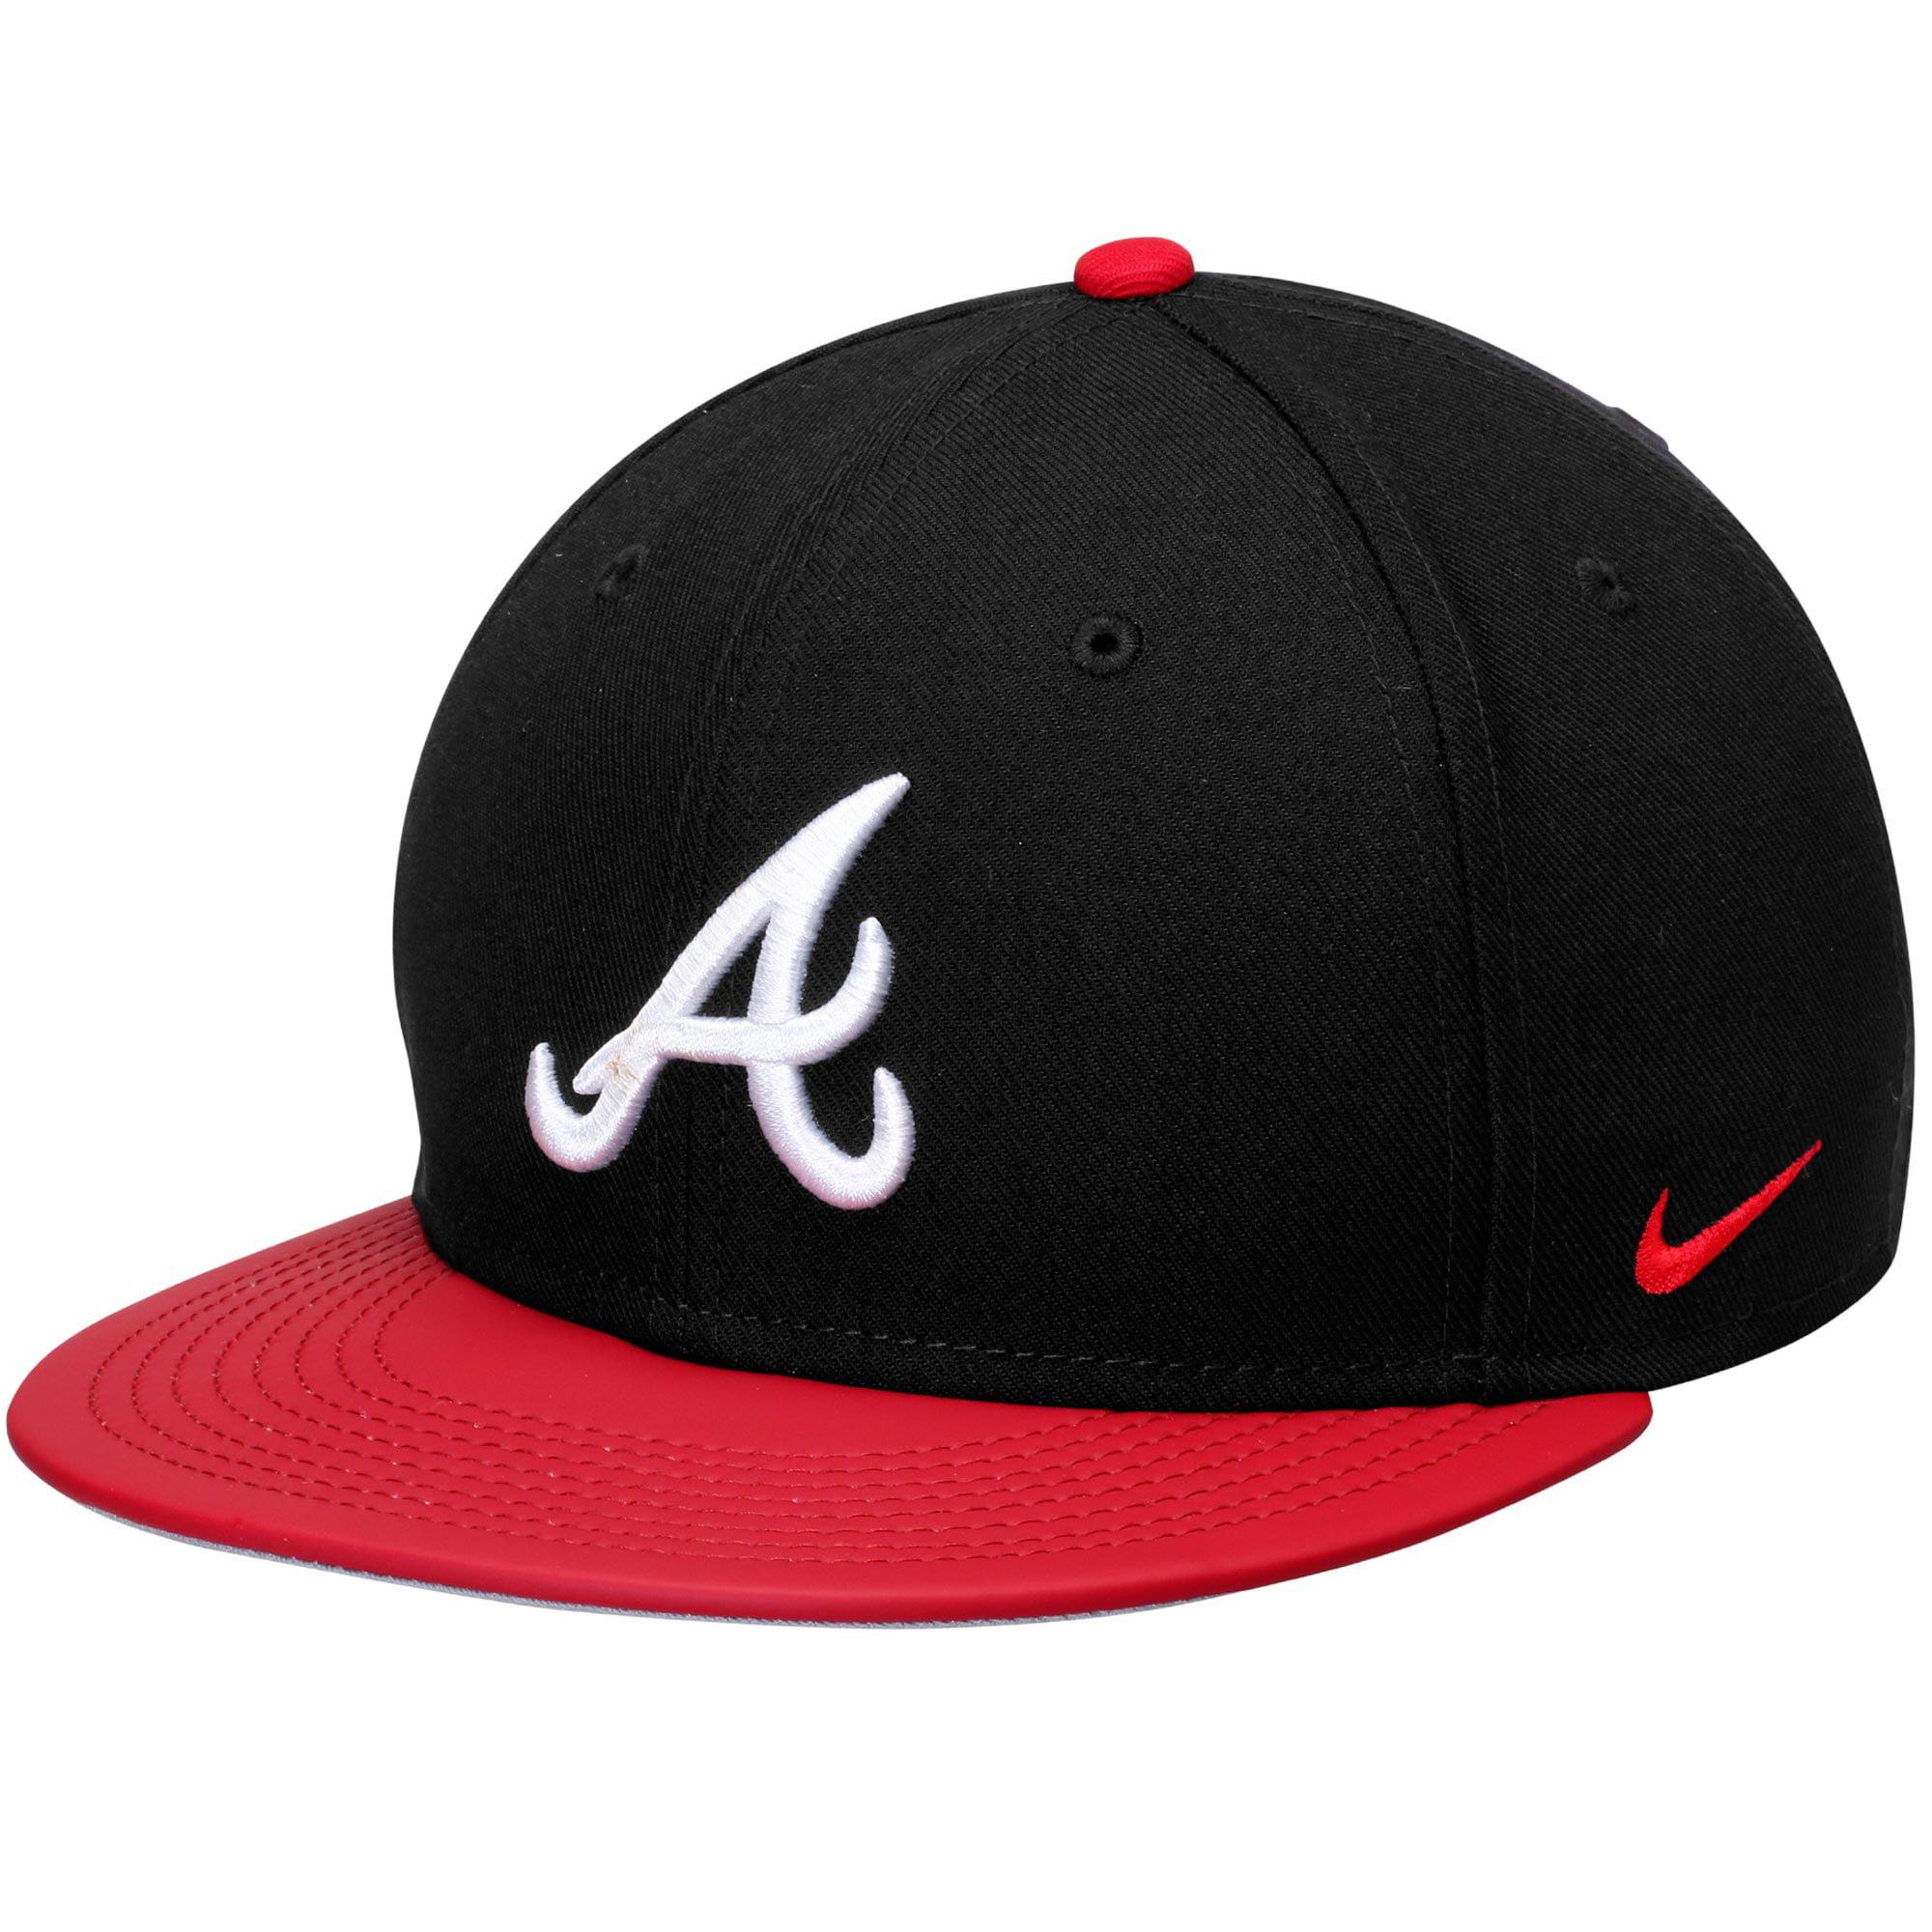 Atlanta Braves Nike True Snapback Adjustable Hat - Navy Red - OSFA -  Walmart.com b873d500147